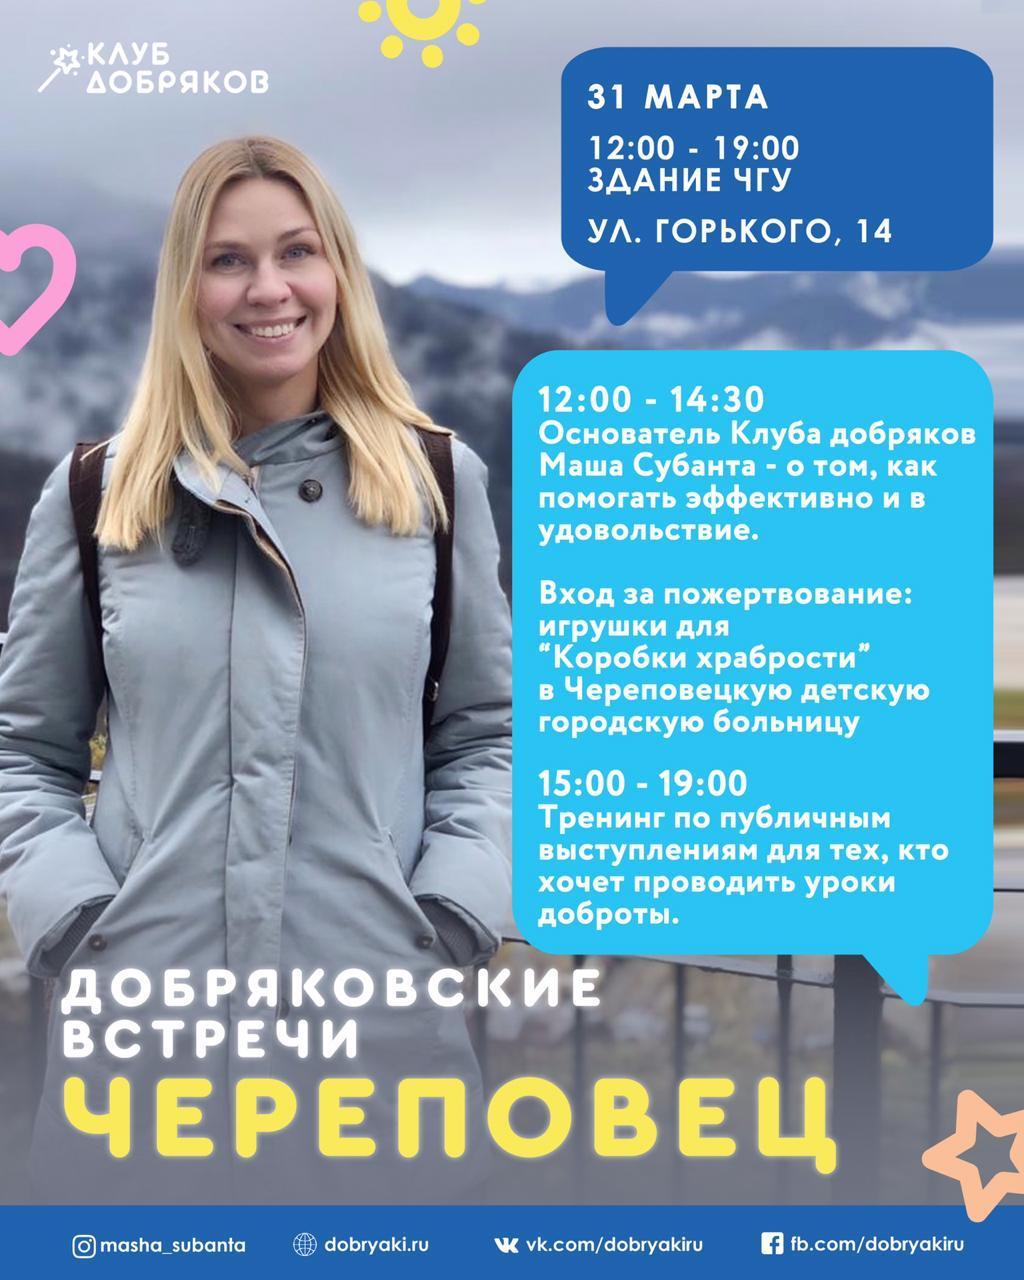 Добряковская встреча с Машей Субанта в Череповце